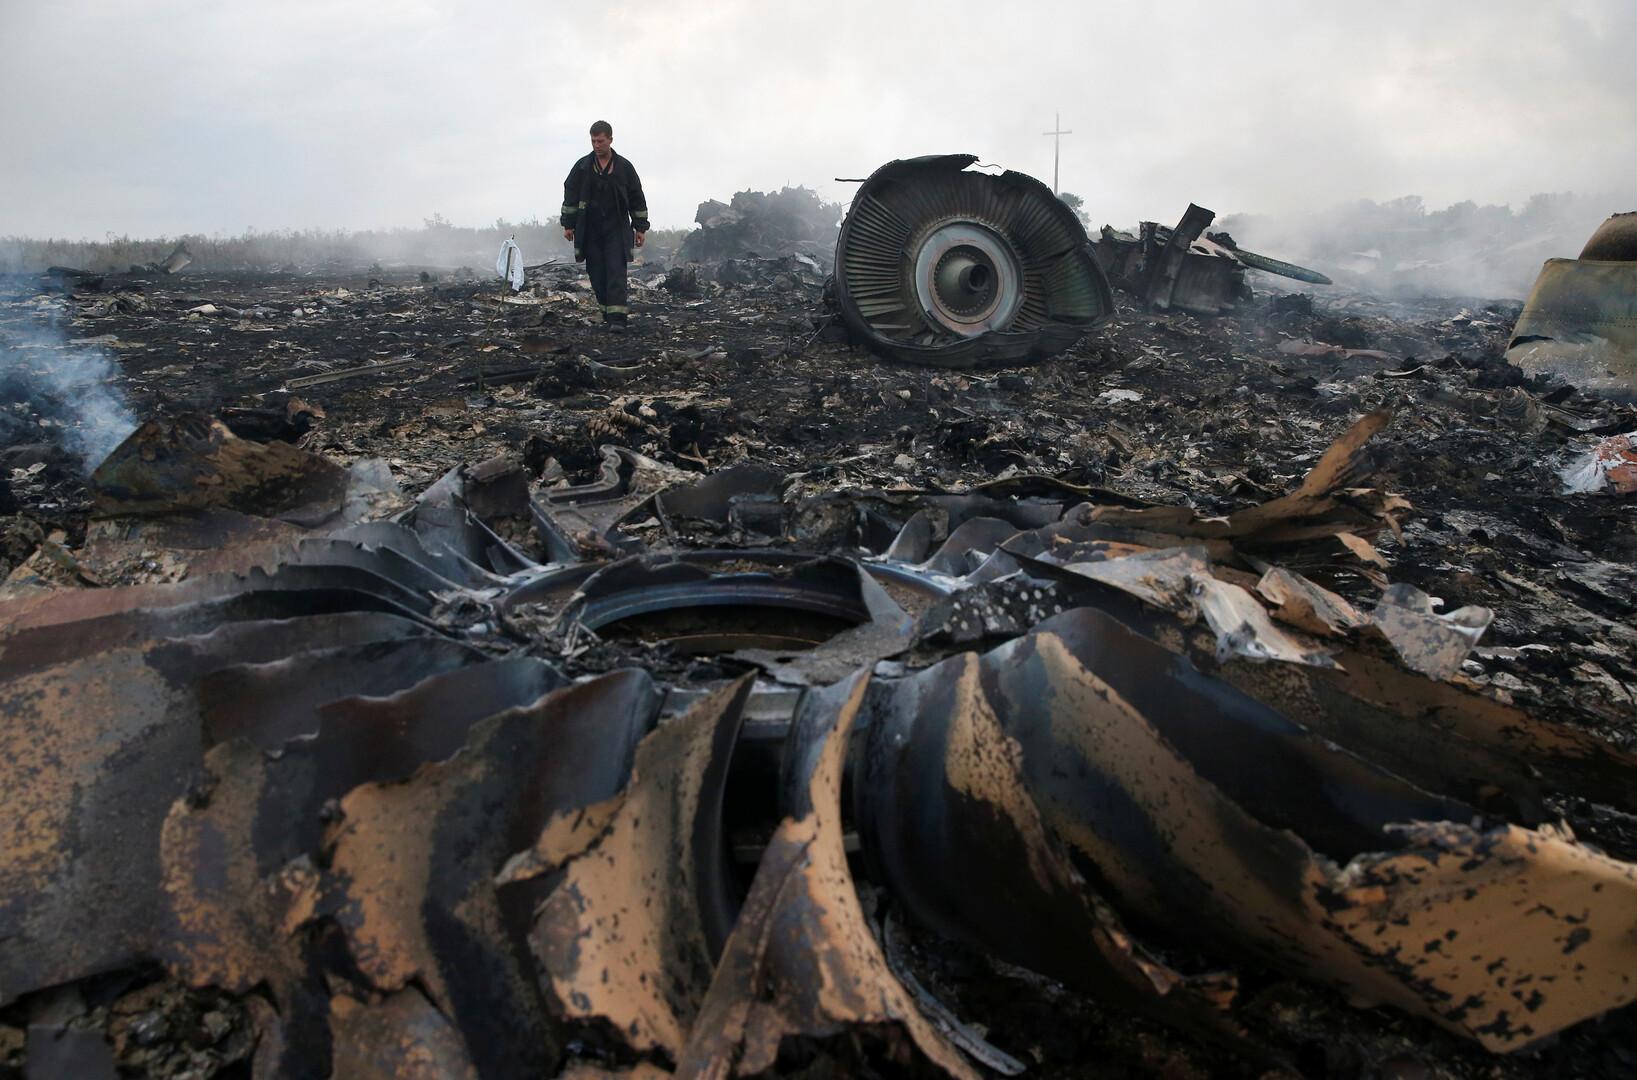 البرلمان الهولندي يطالب حكومة بلاده بالتحقيق في دور كييف في كارثة الطائرة الماليزية